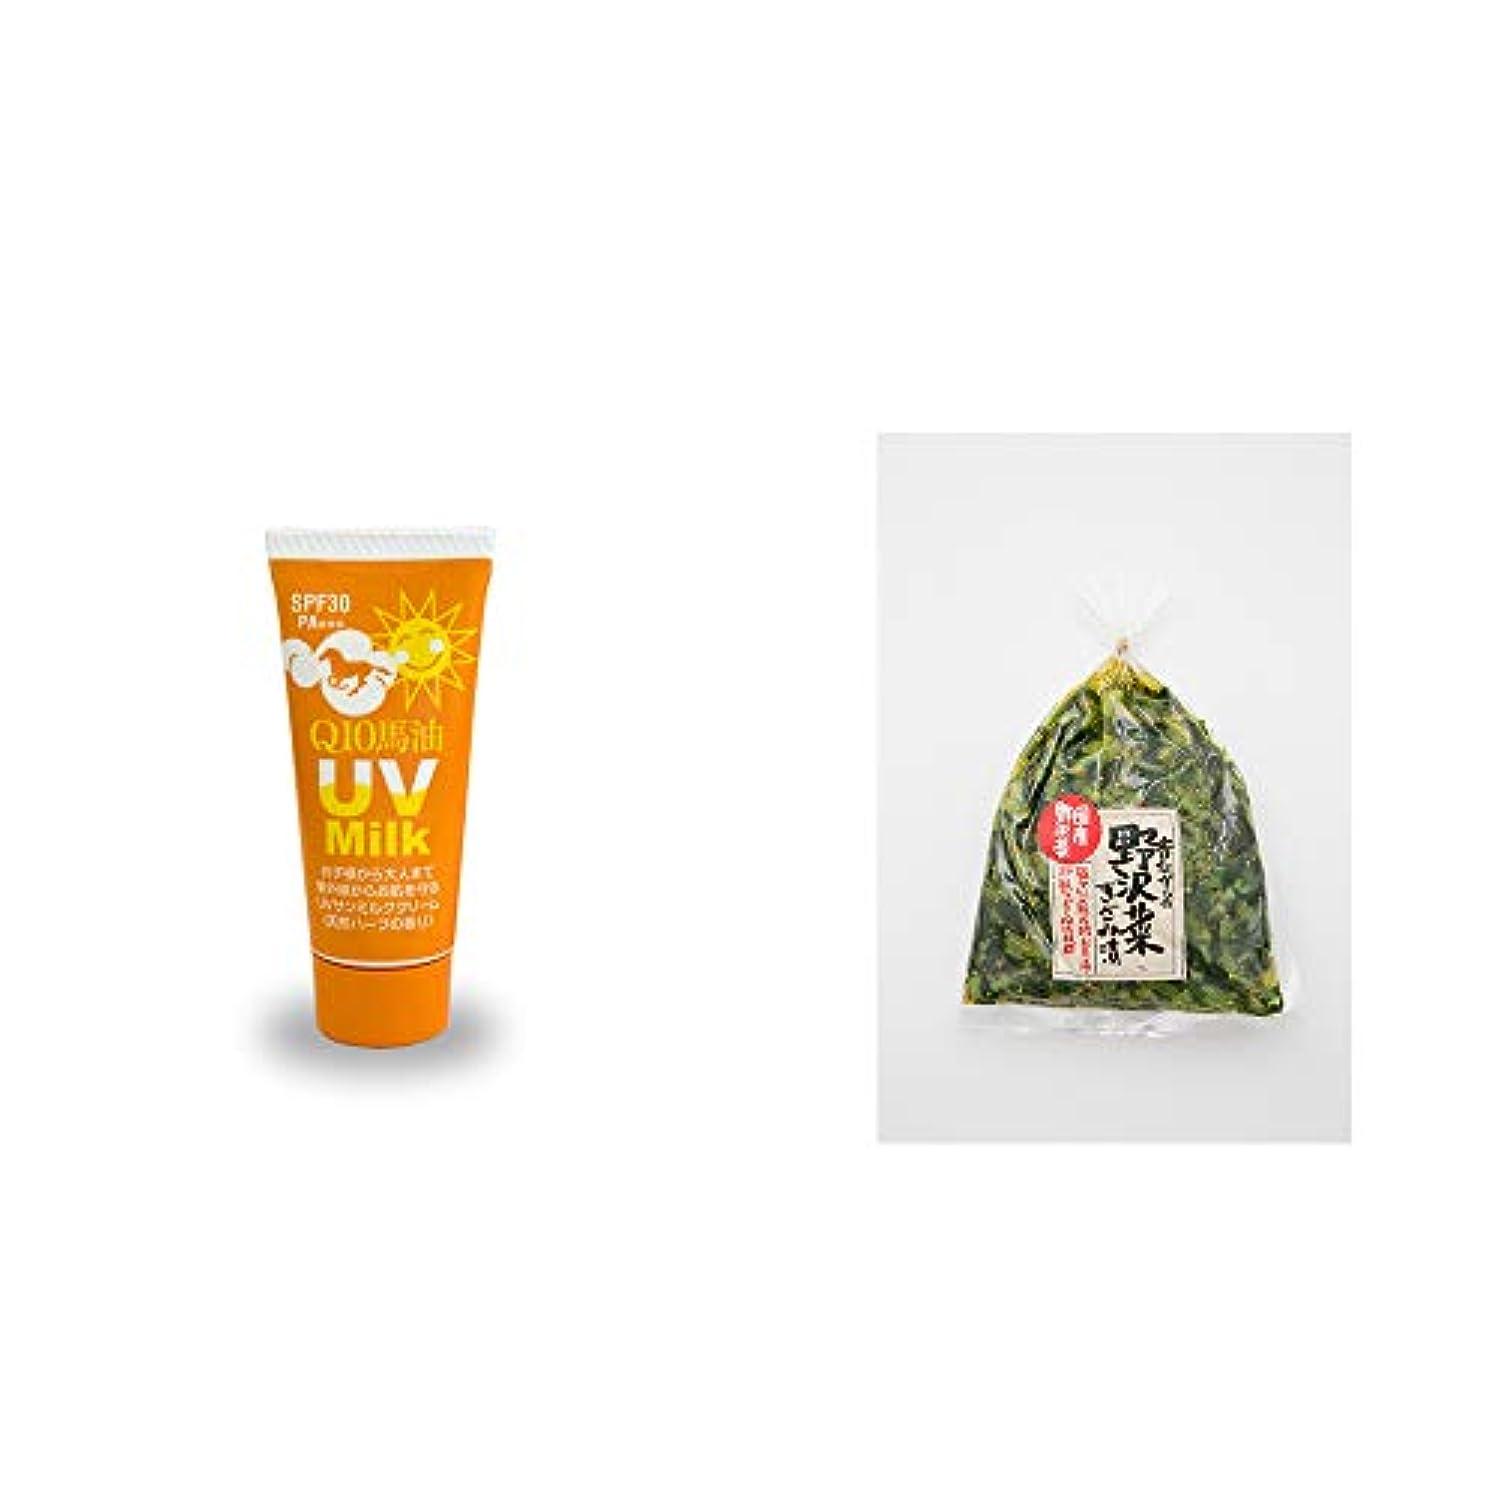 [2点セット] 炭黒泉 Q10馬油 UVサンミルク[天然ハーブ](40g)?国産 昔ながらの野沢菜きざみ漬け(150g)